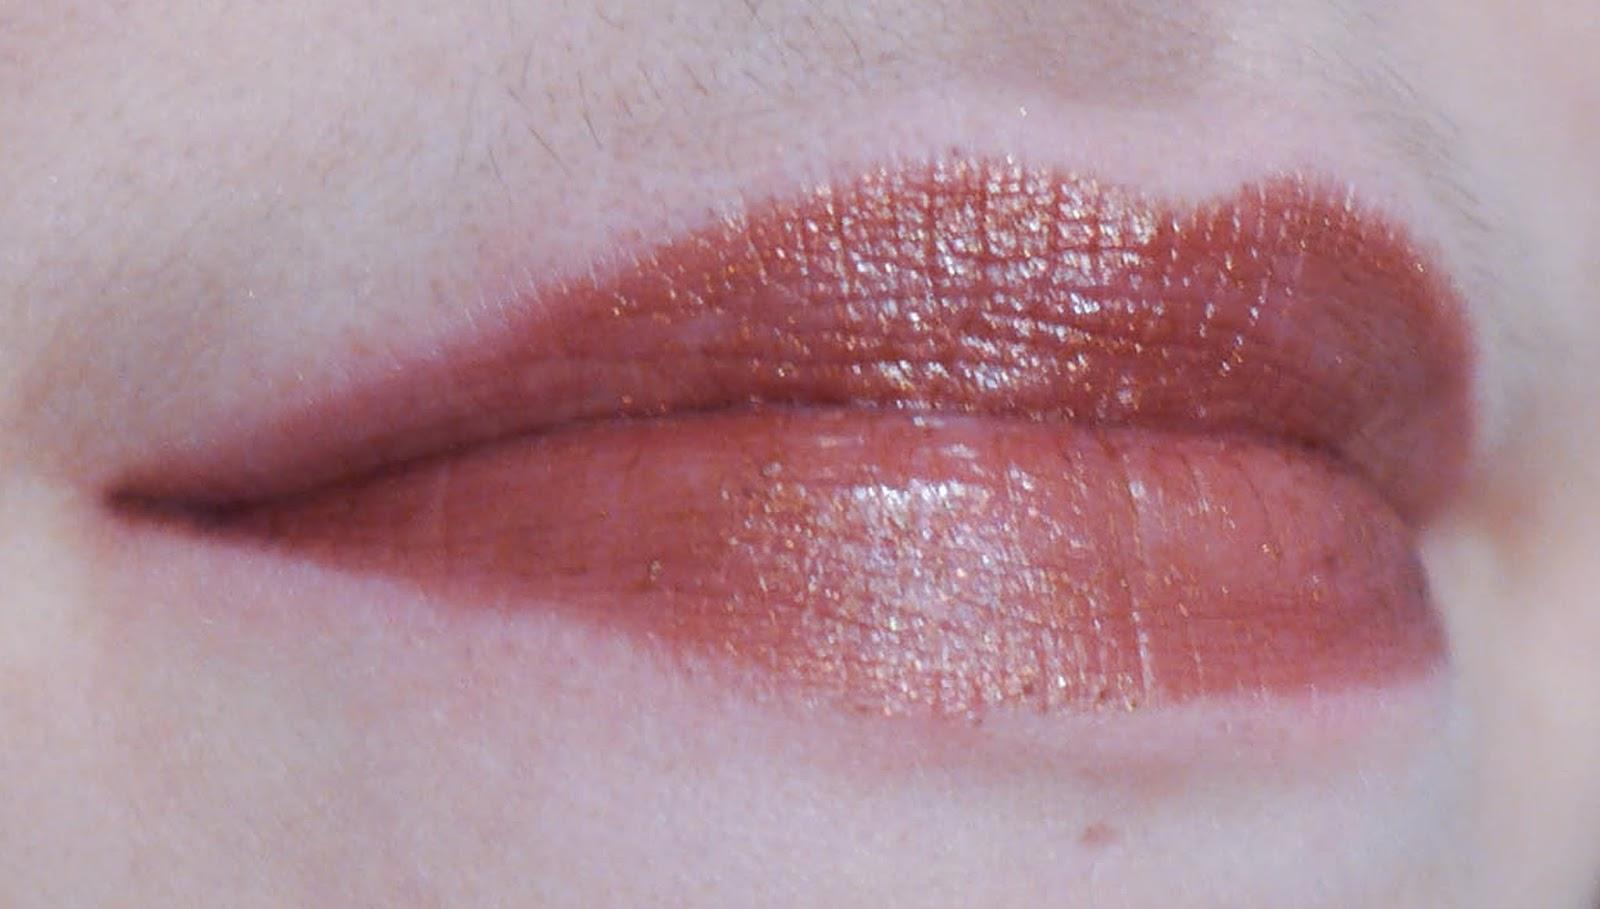 rouge à lèvres fetish